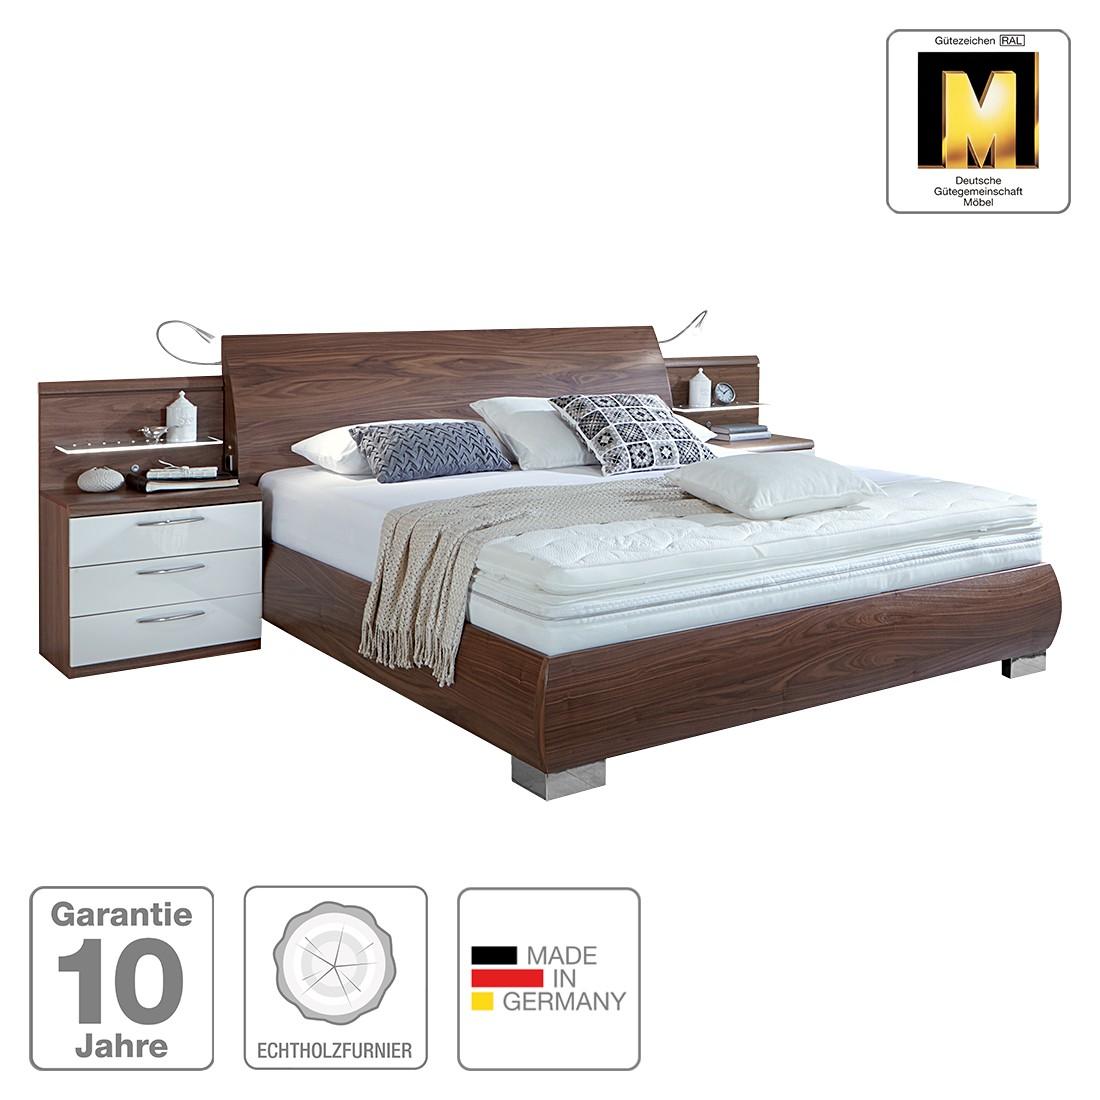 Bett liegeflche 120x200 cheap poste sandra futon x with x for Stauraum bett 120x200